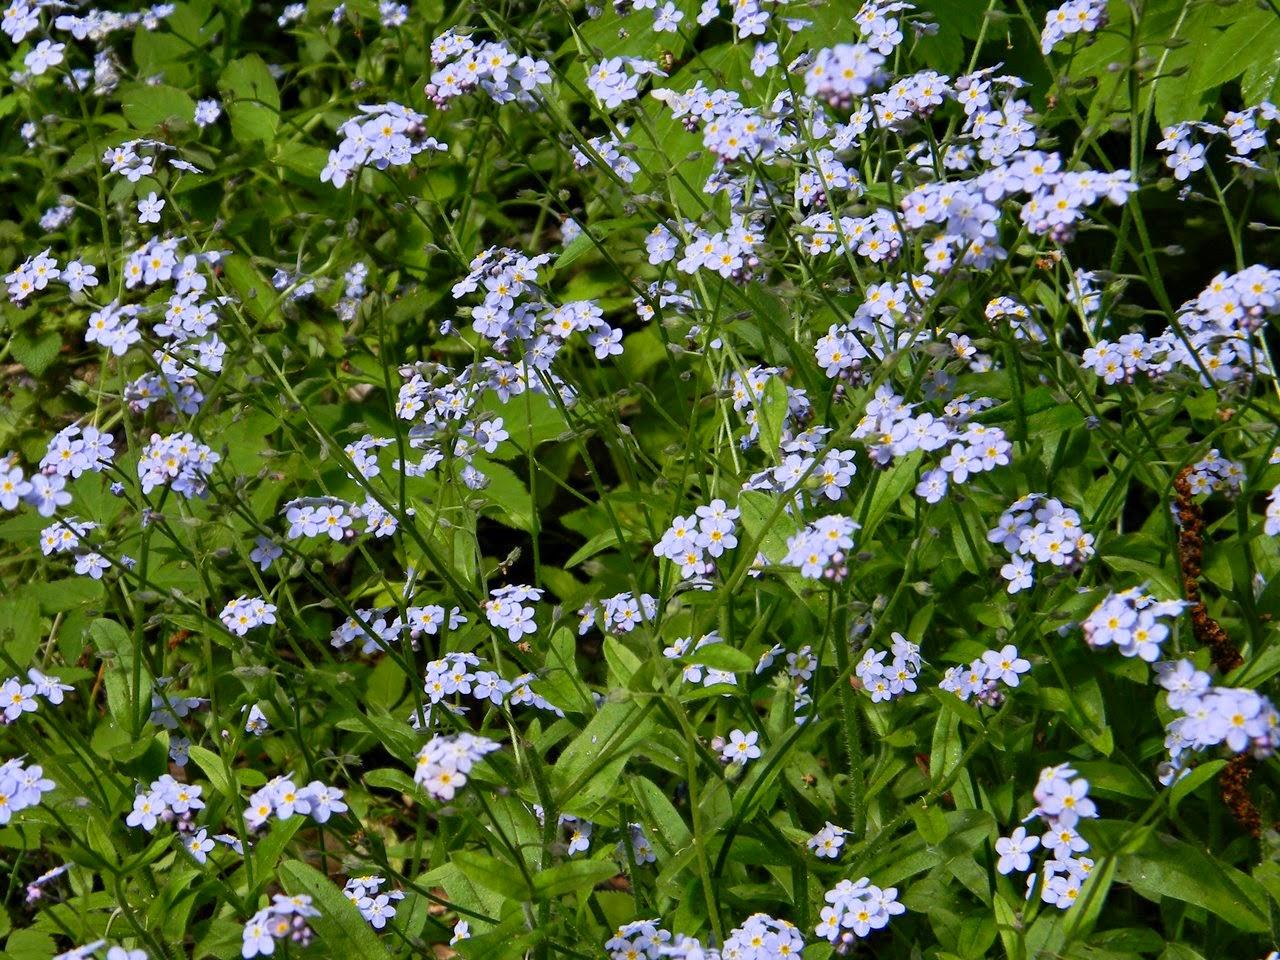 łąka, niebieski kobierzec